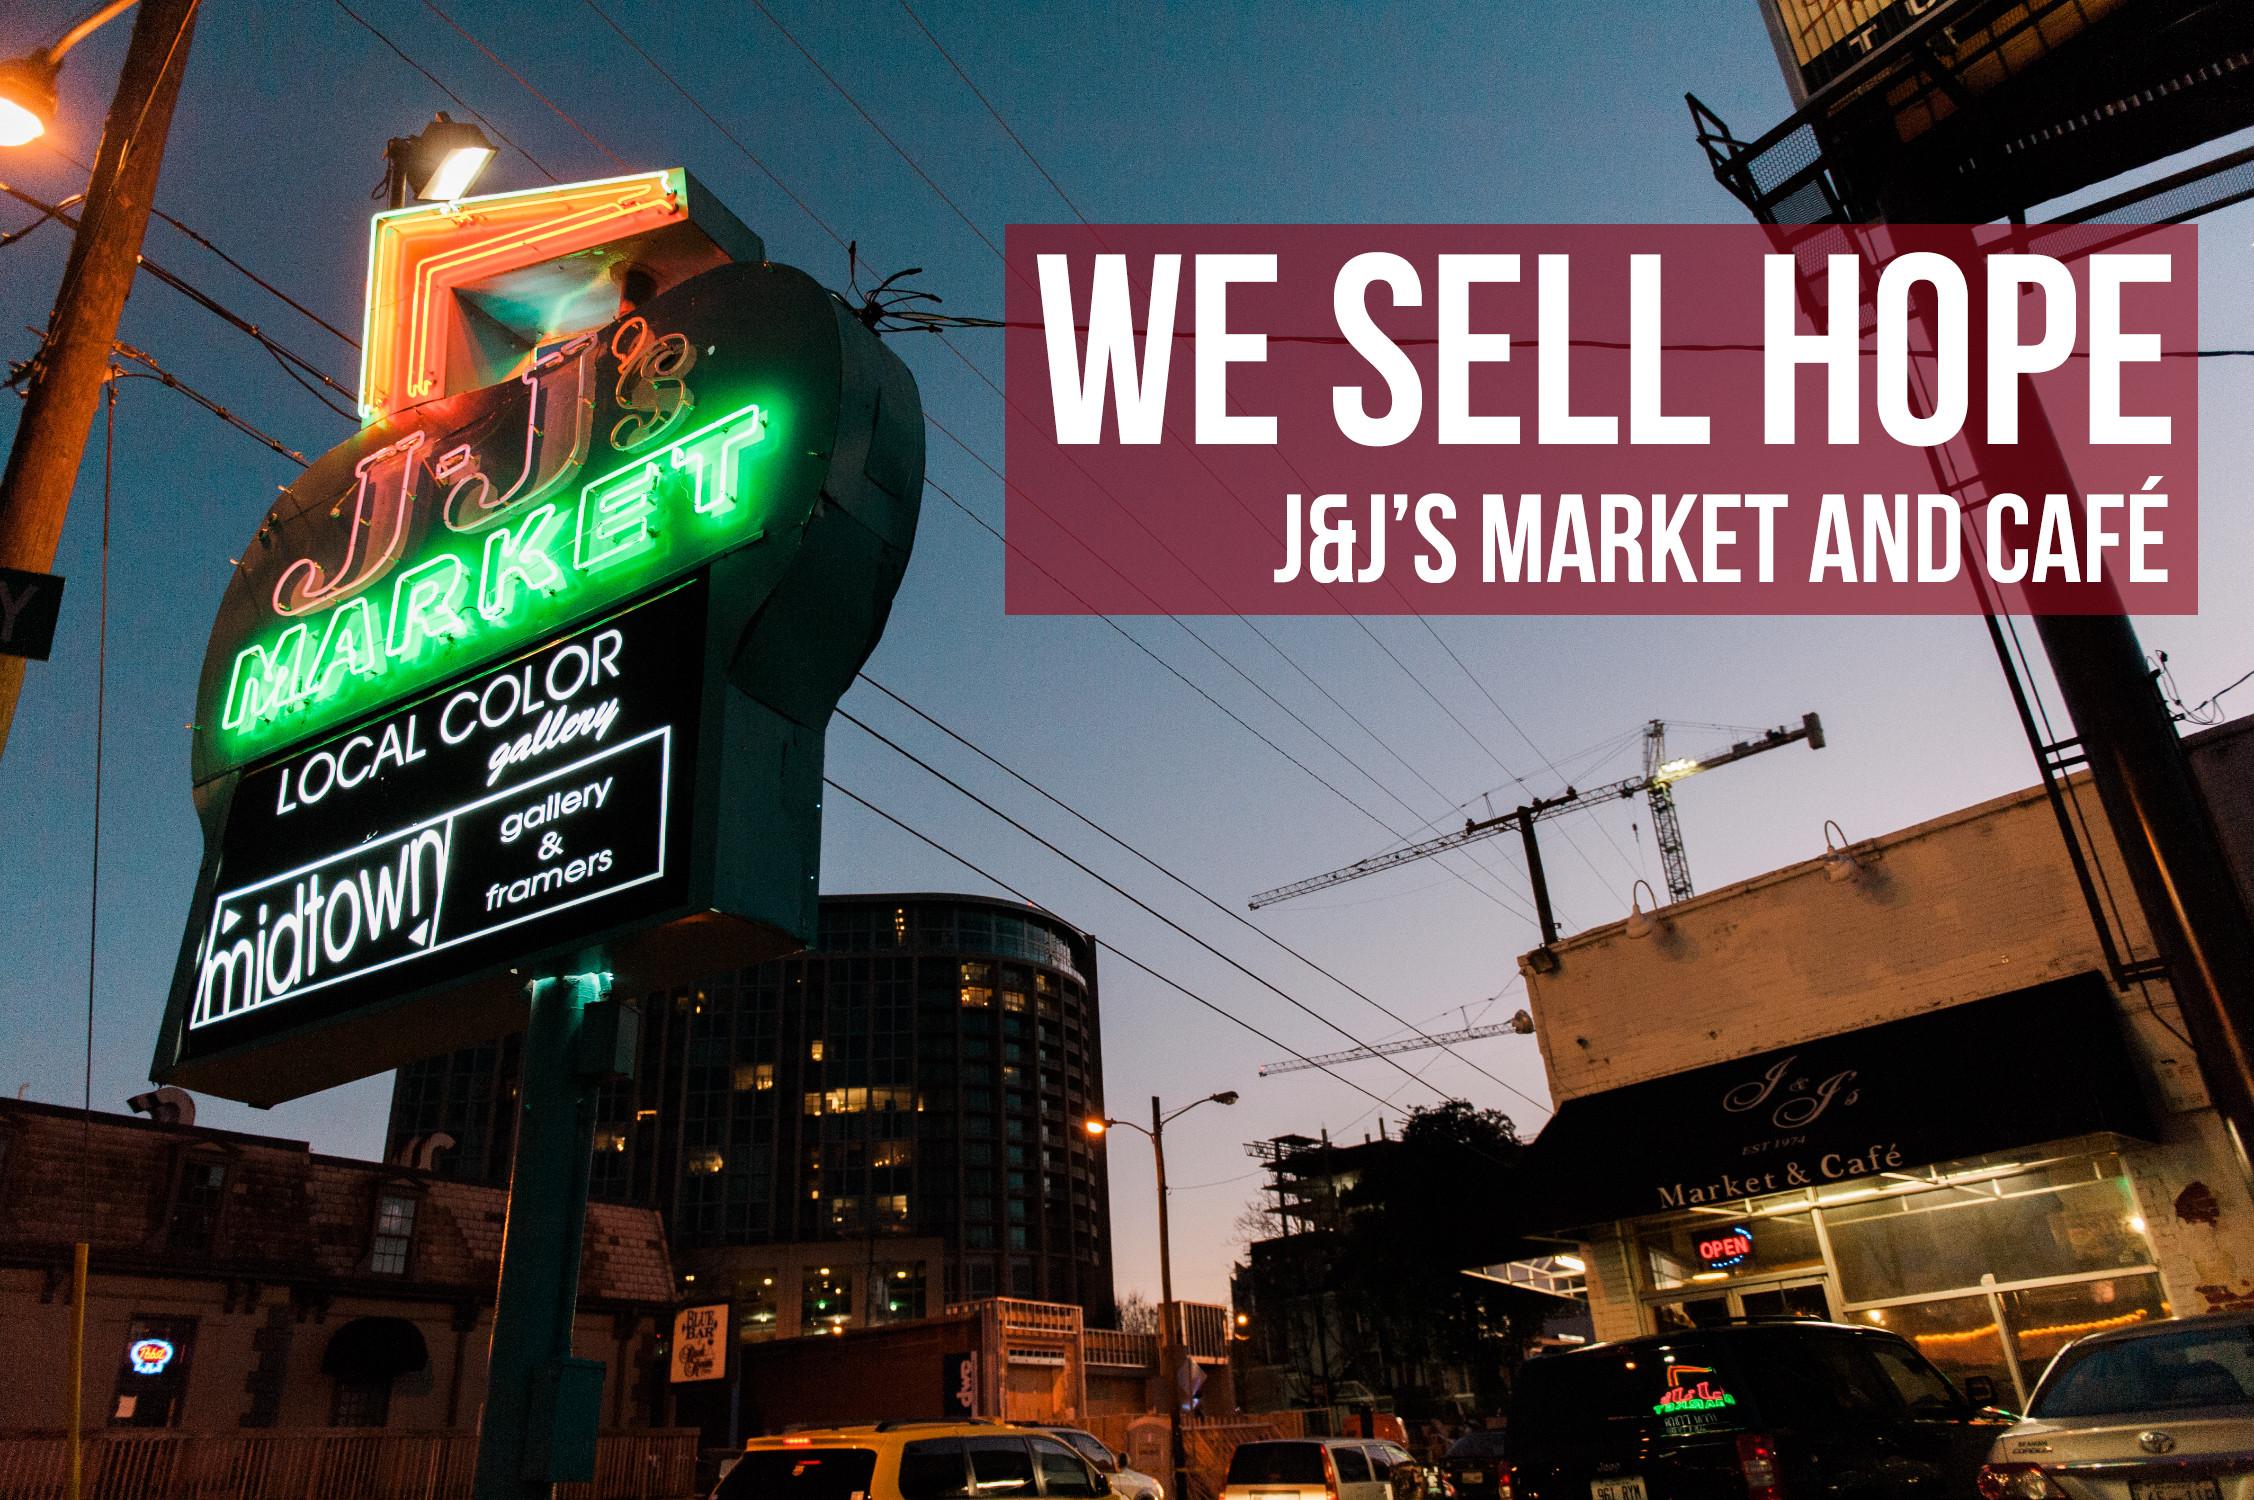 We Sell Hope: Nashville's J&J's Market and Café